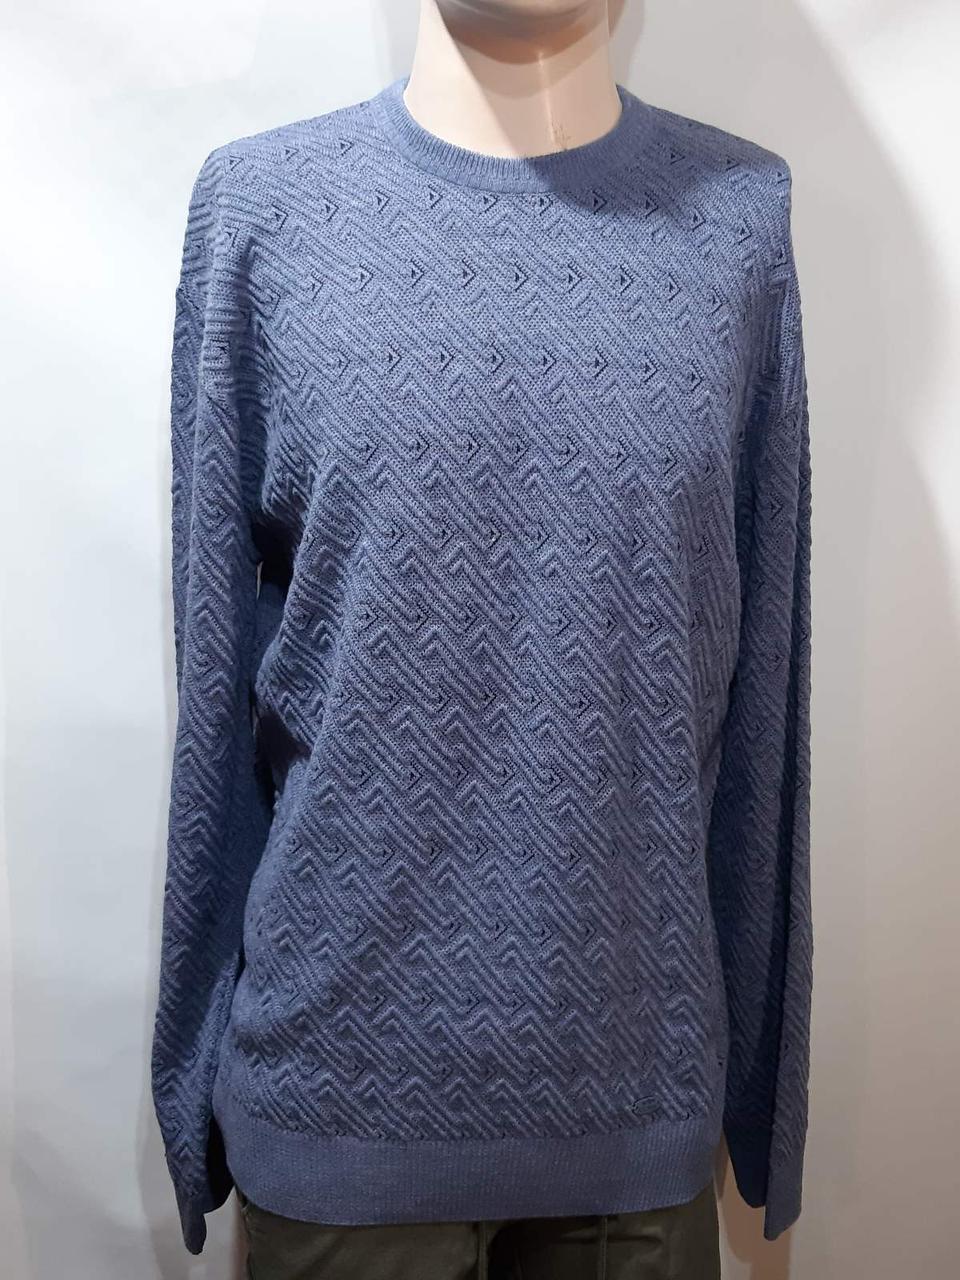 Мужской шерстяной свитер (Большие размеры) с хомутом Турция Синий